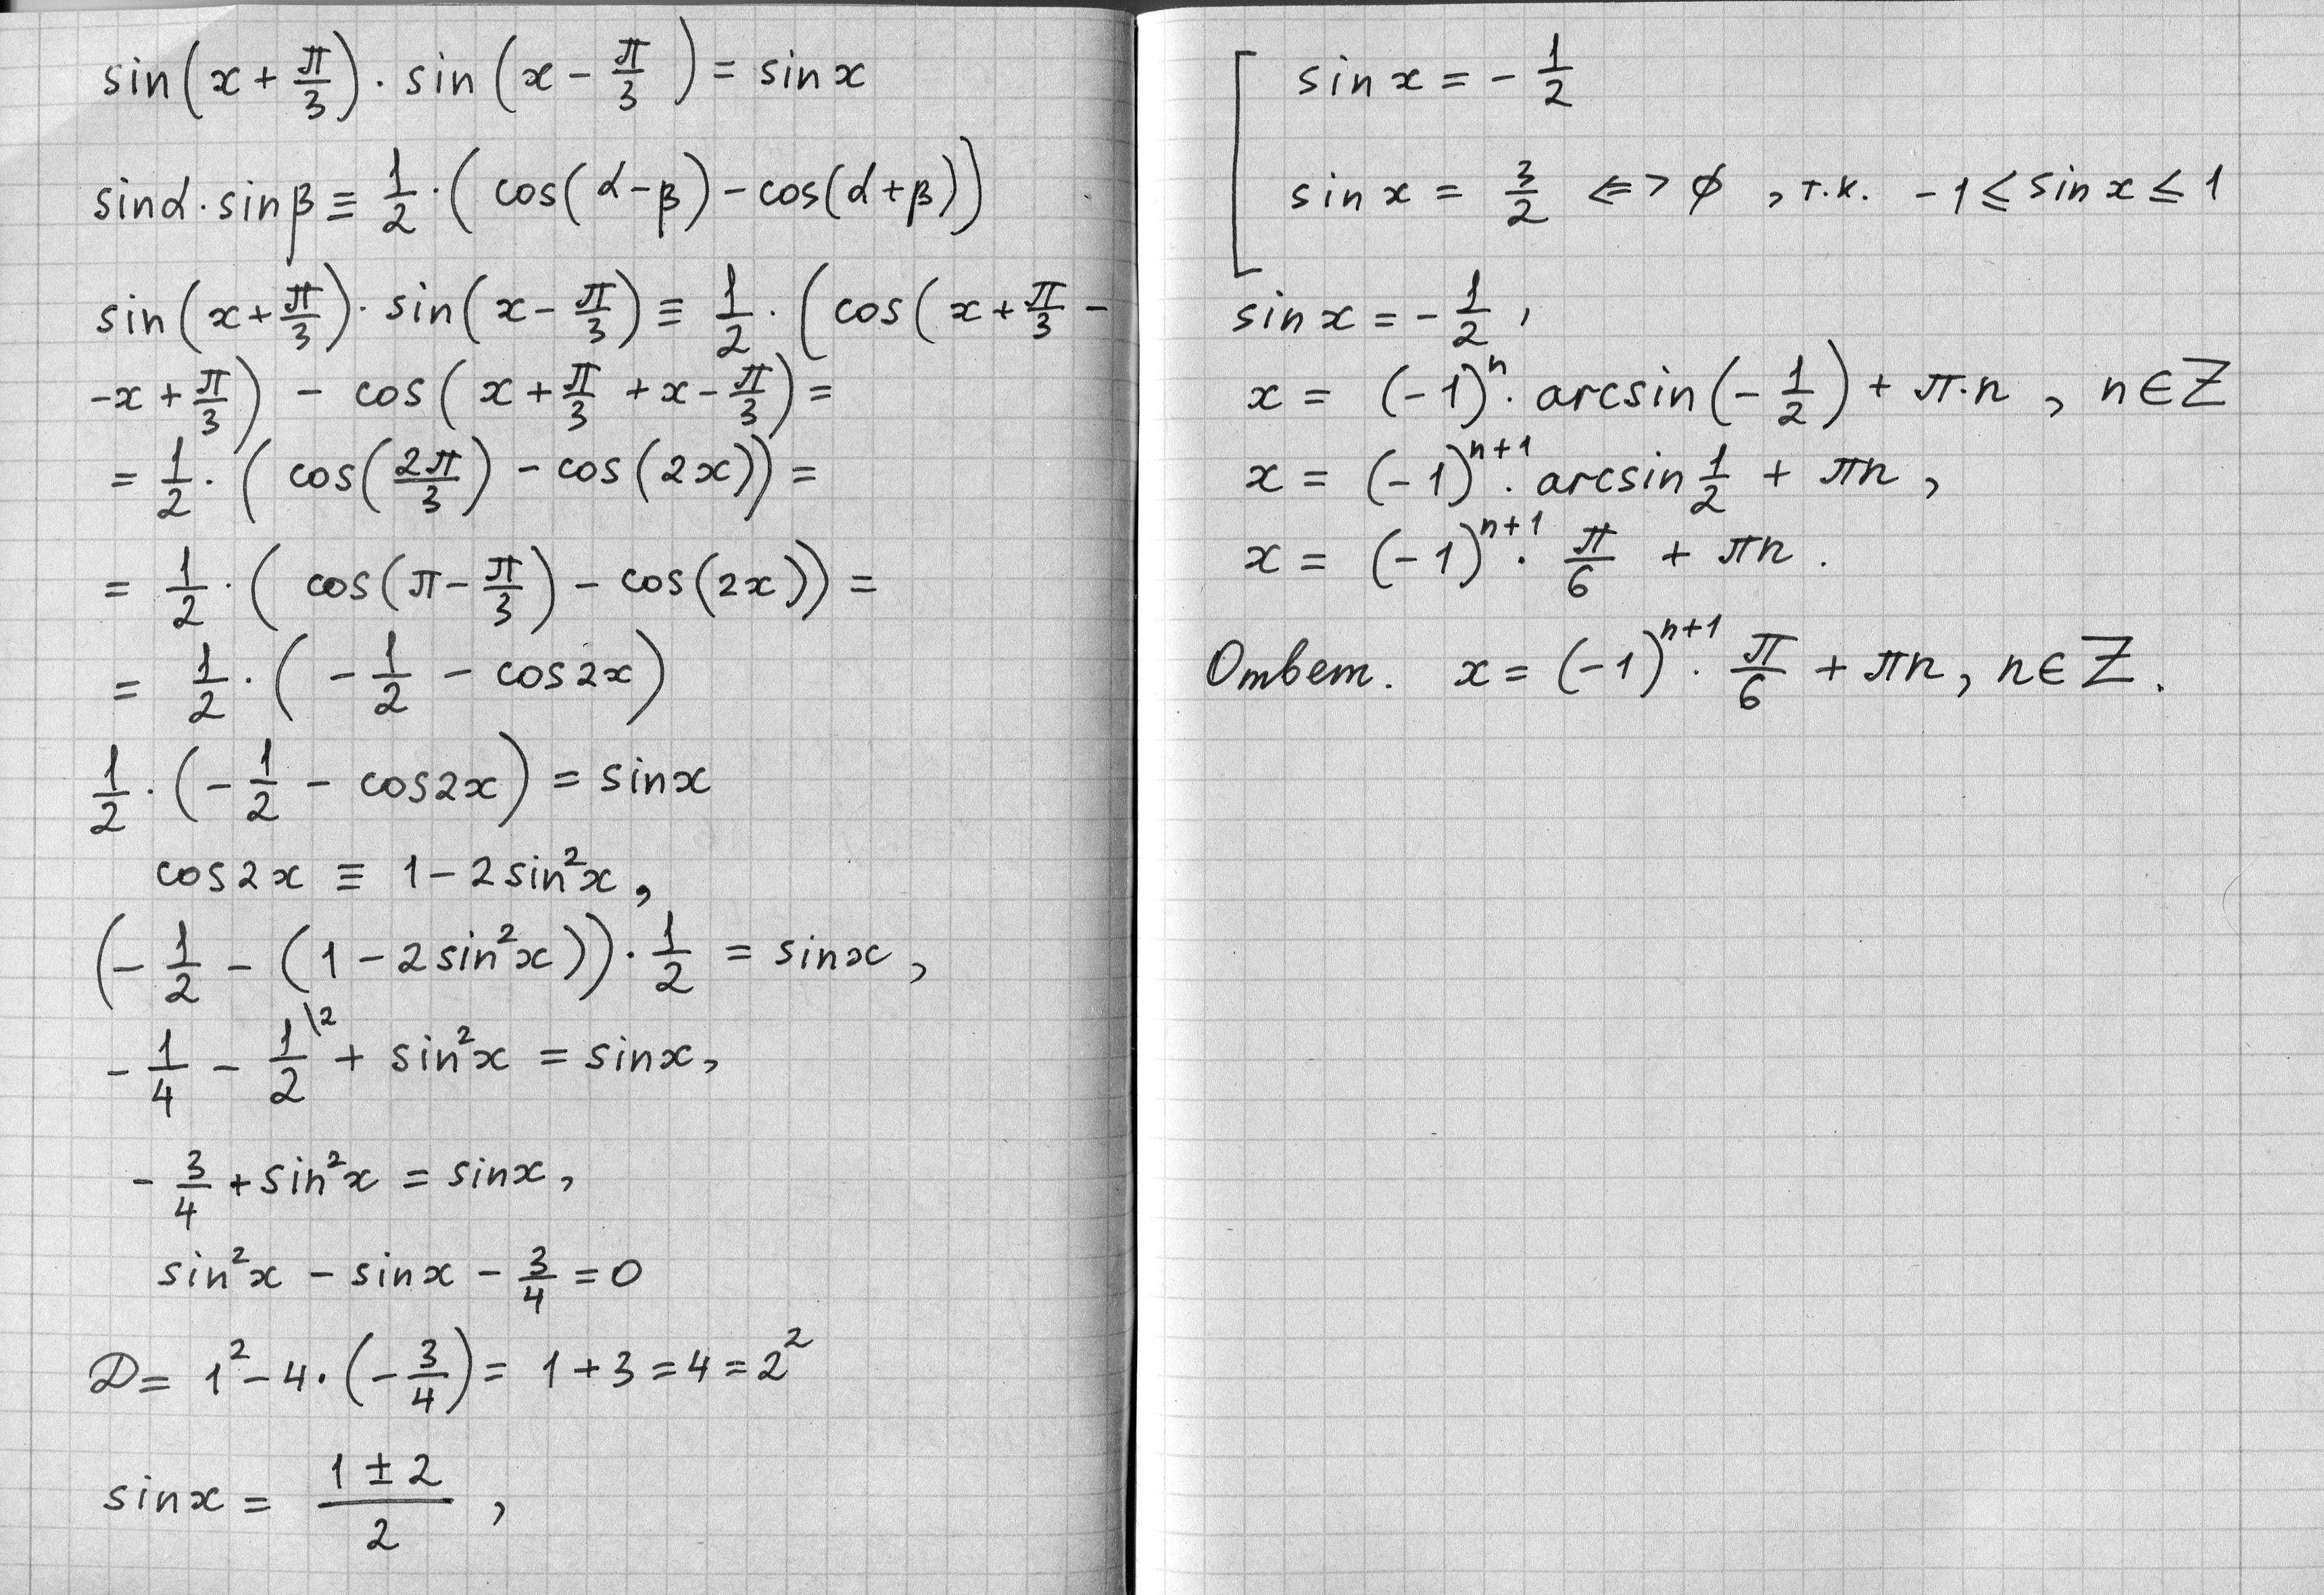 Sin(x+п/3)sin(x-п/3)=sinx.